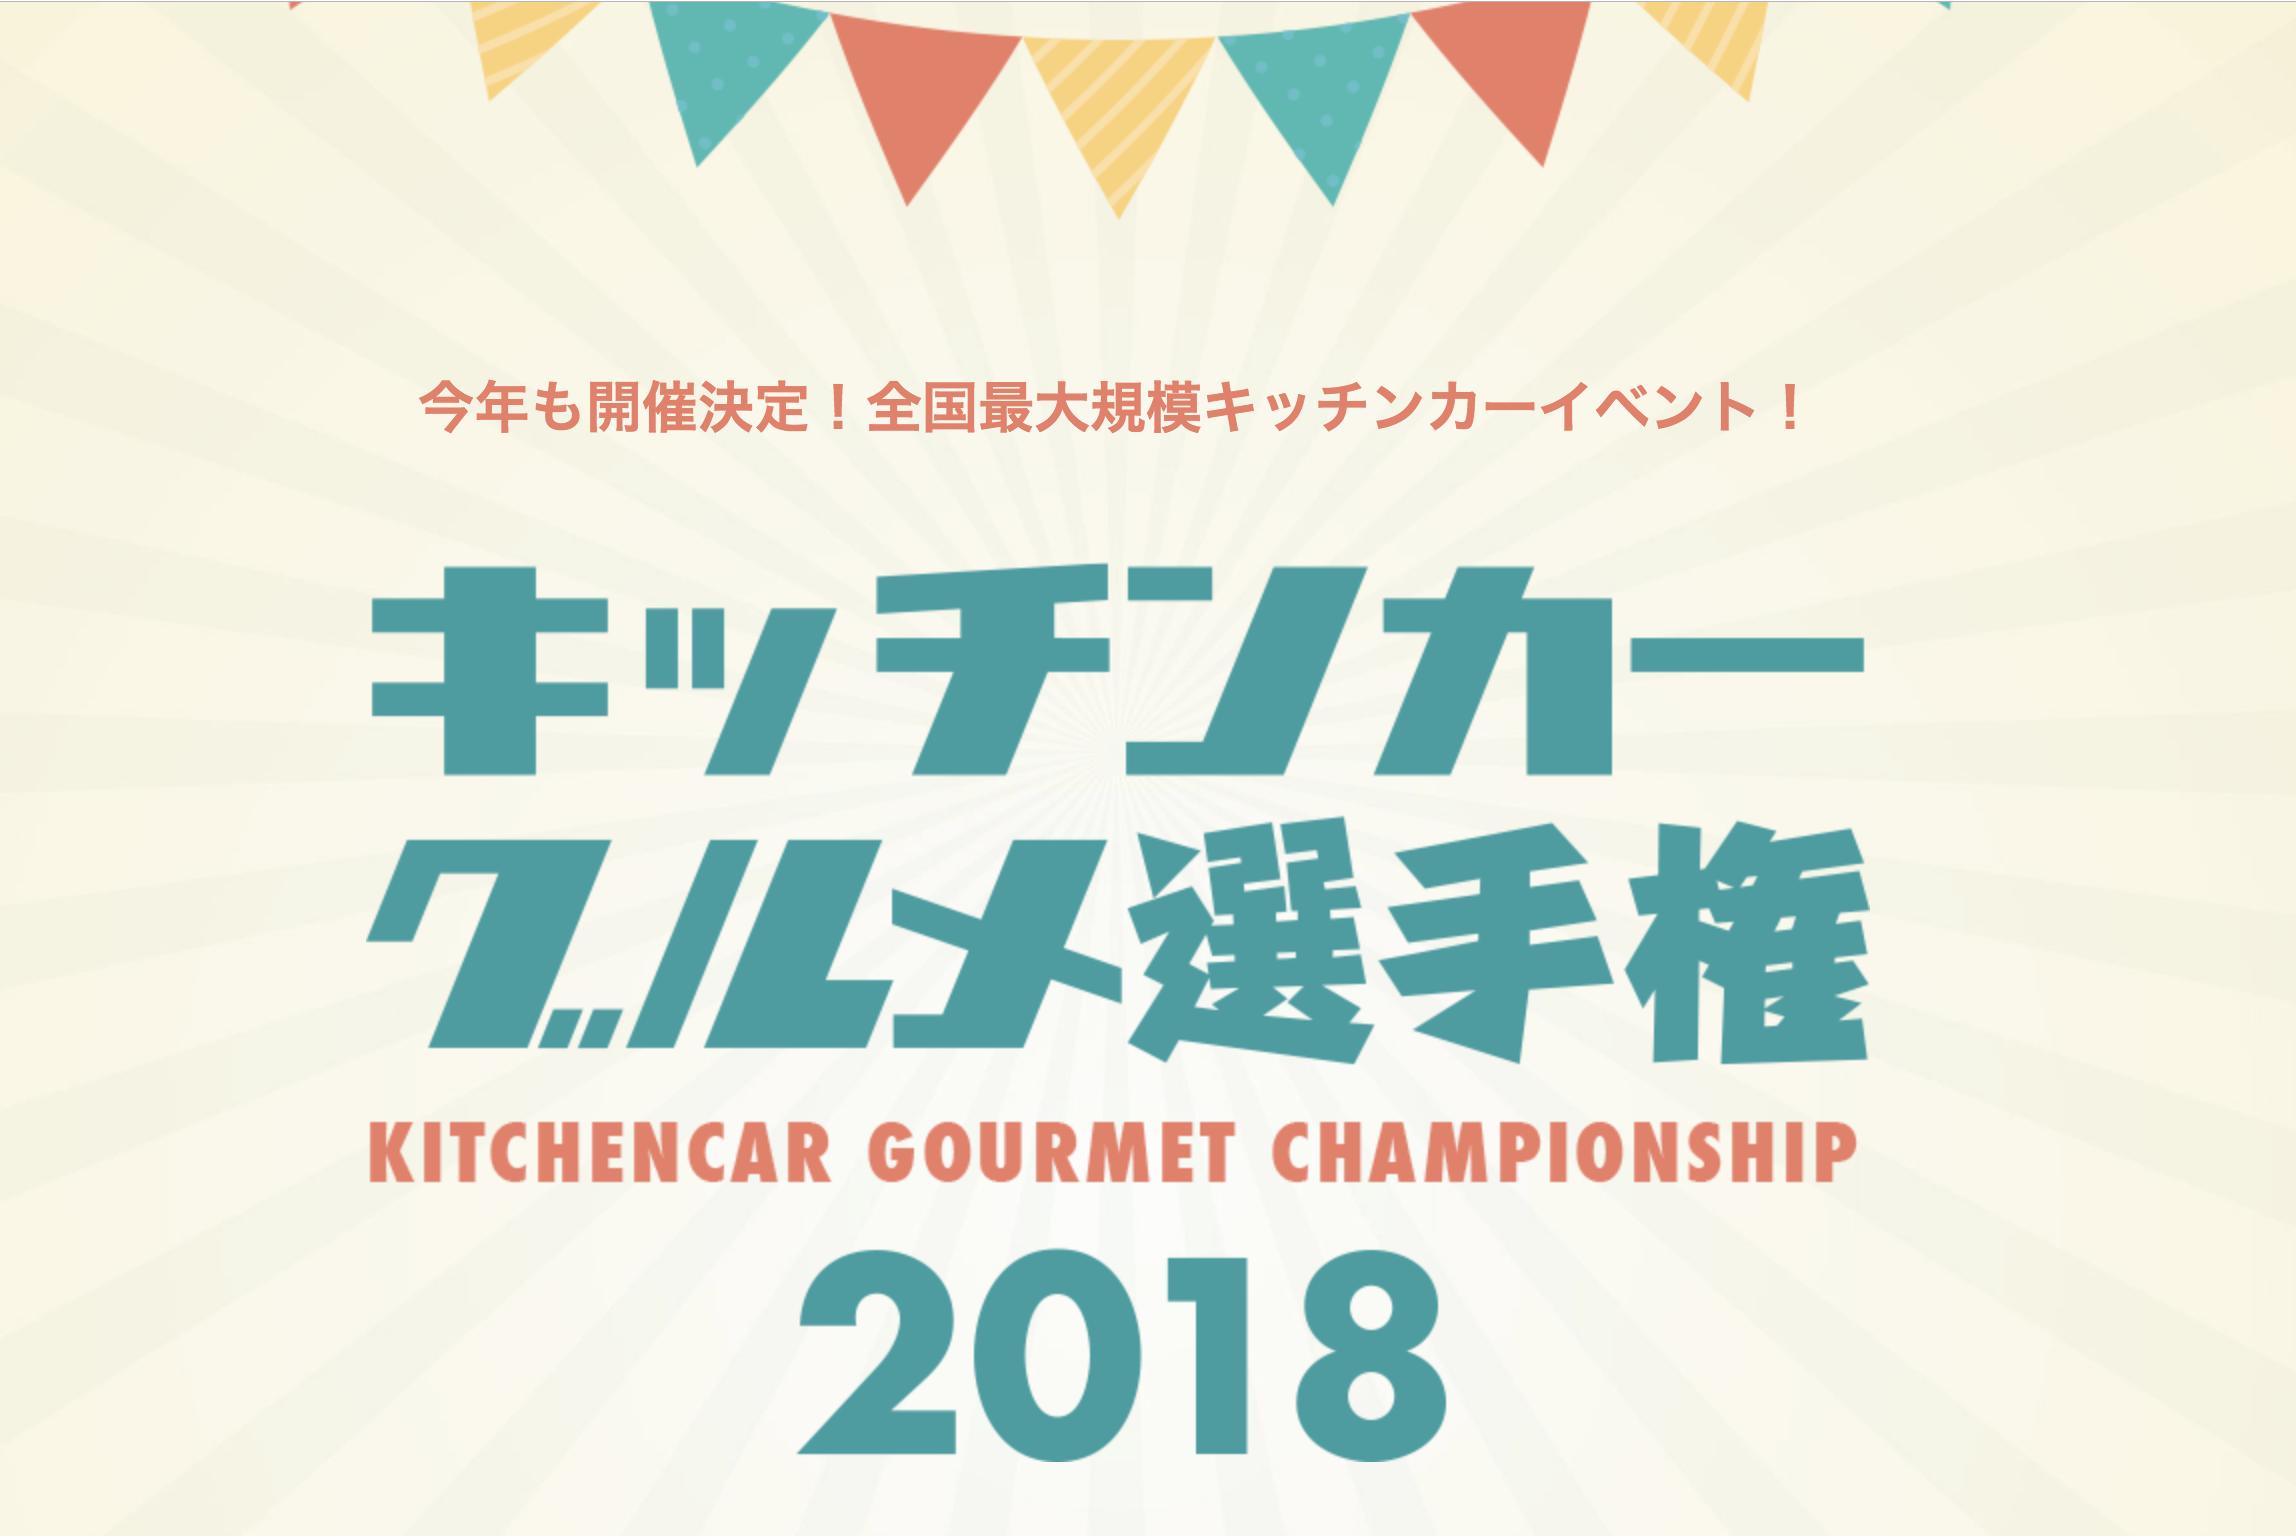 全国キッチンカーグルメ選手権2018の公式サイトのスクショ